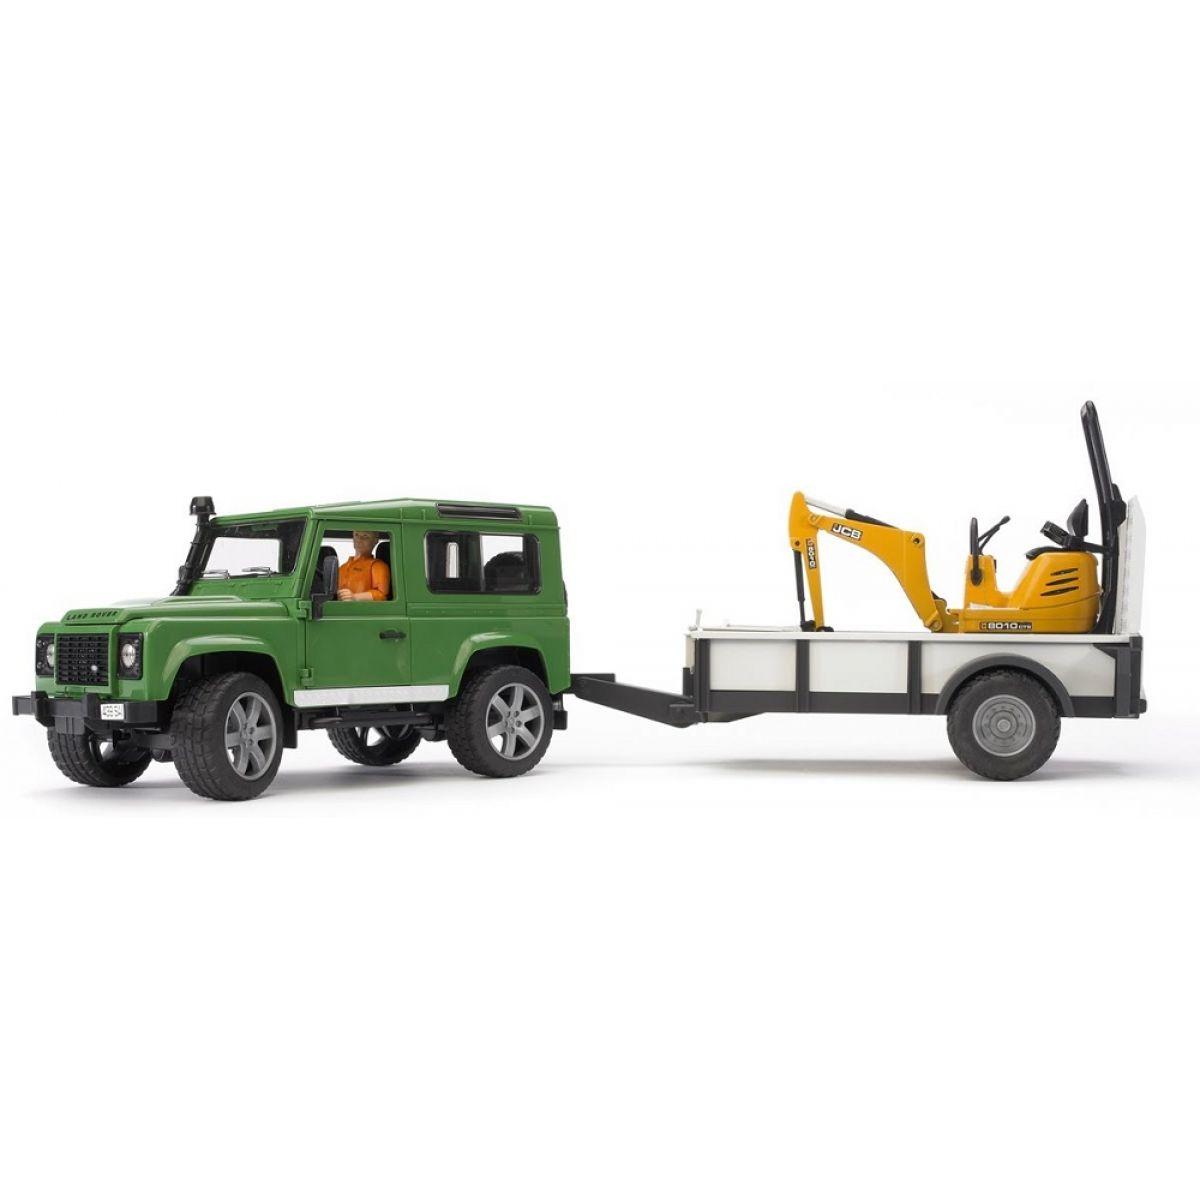 Bruder 02593 Land Rover+Přepravník+Mikrobagr JCB